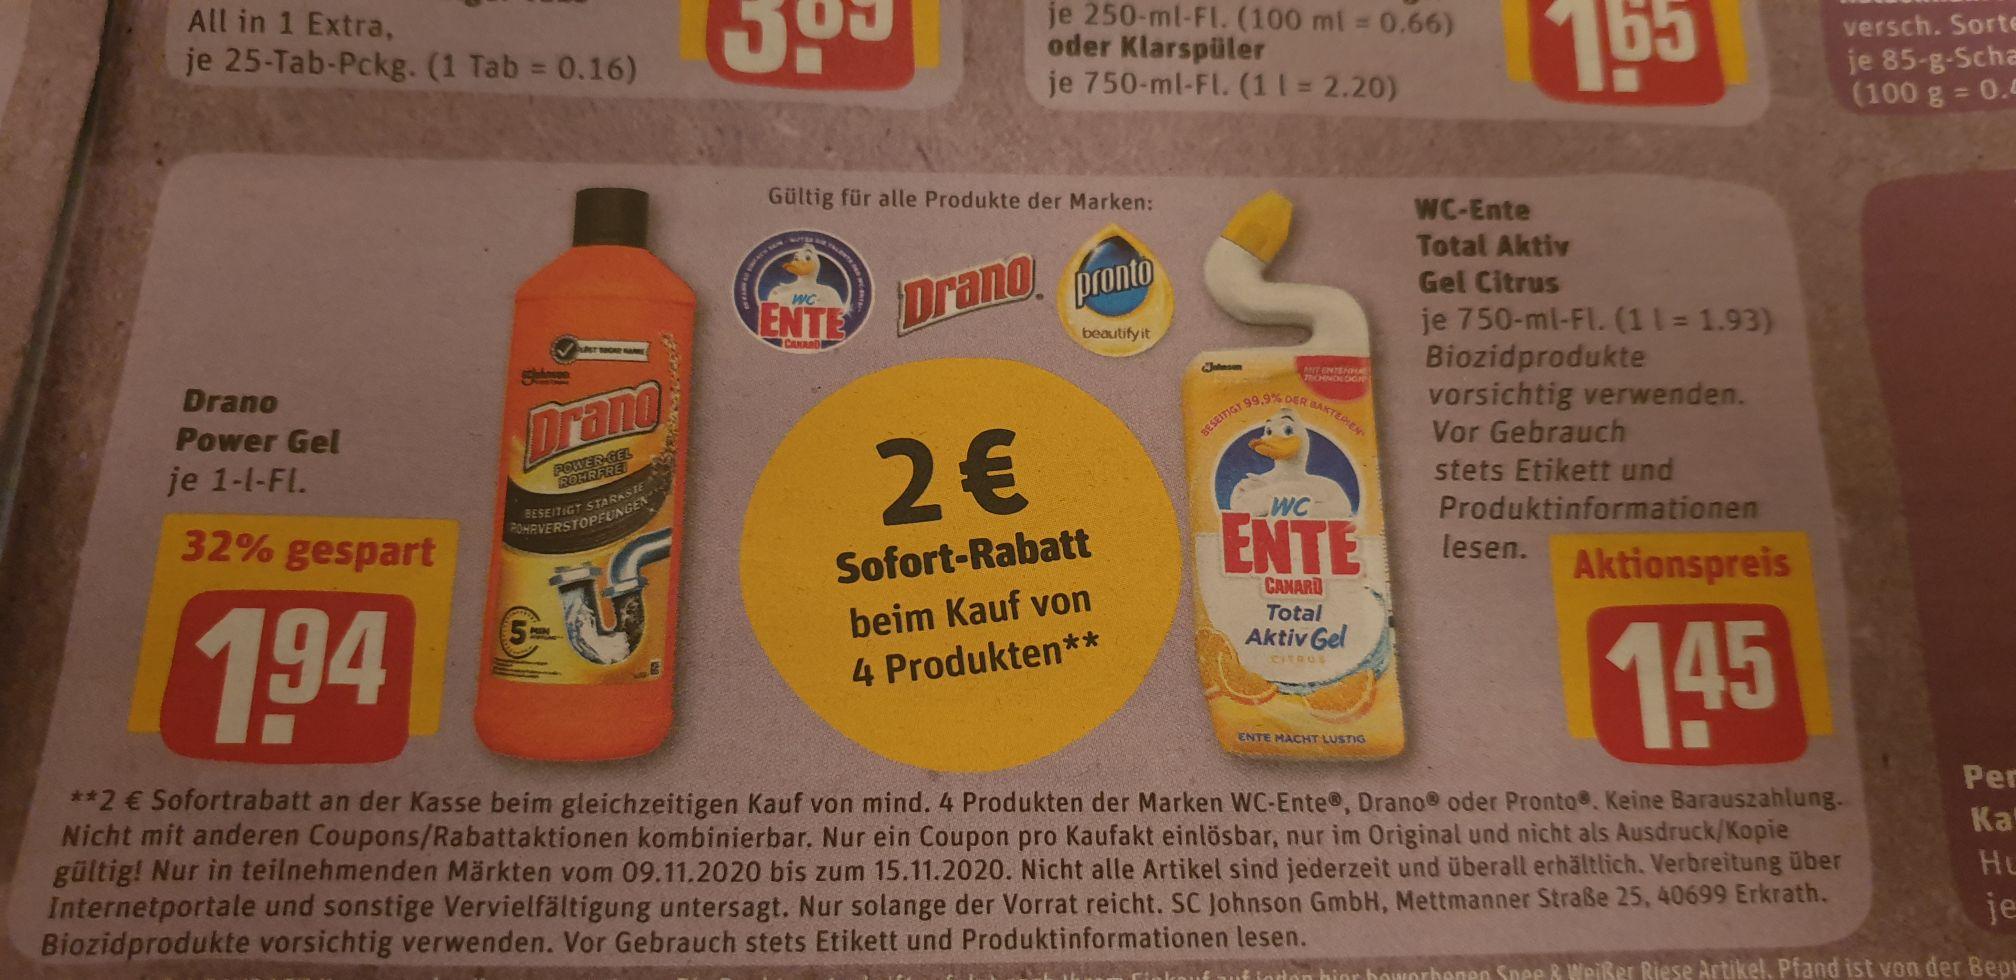 REWE Wc ente Total aktiv gel für 0,95 €/Stück beim Kauf von 4 Stück